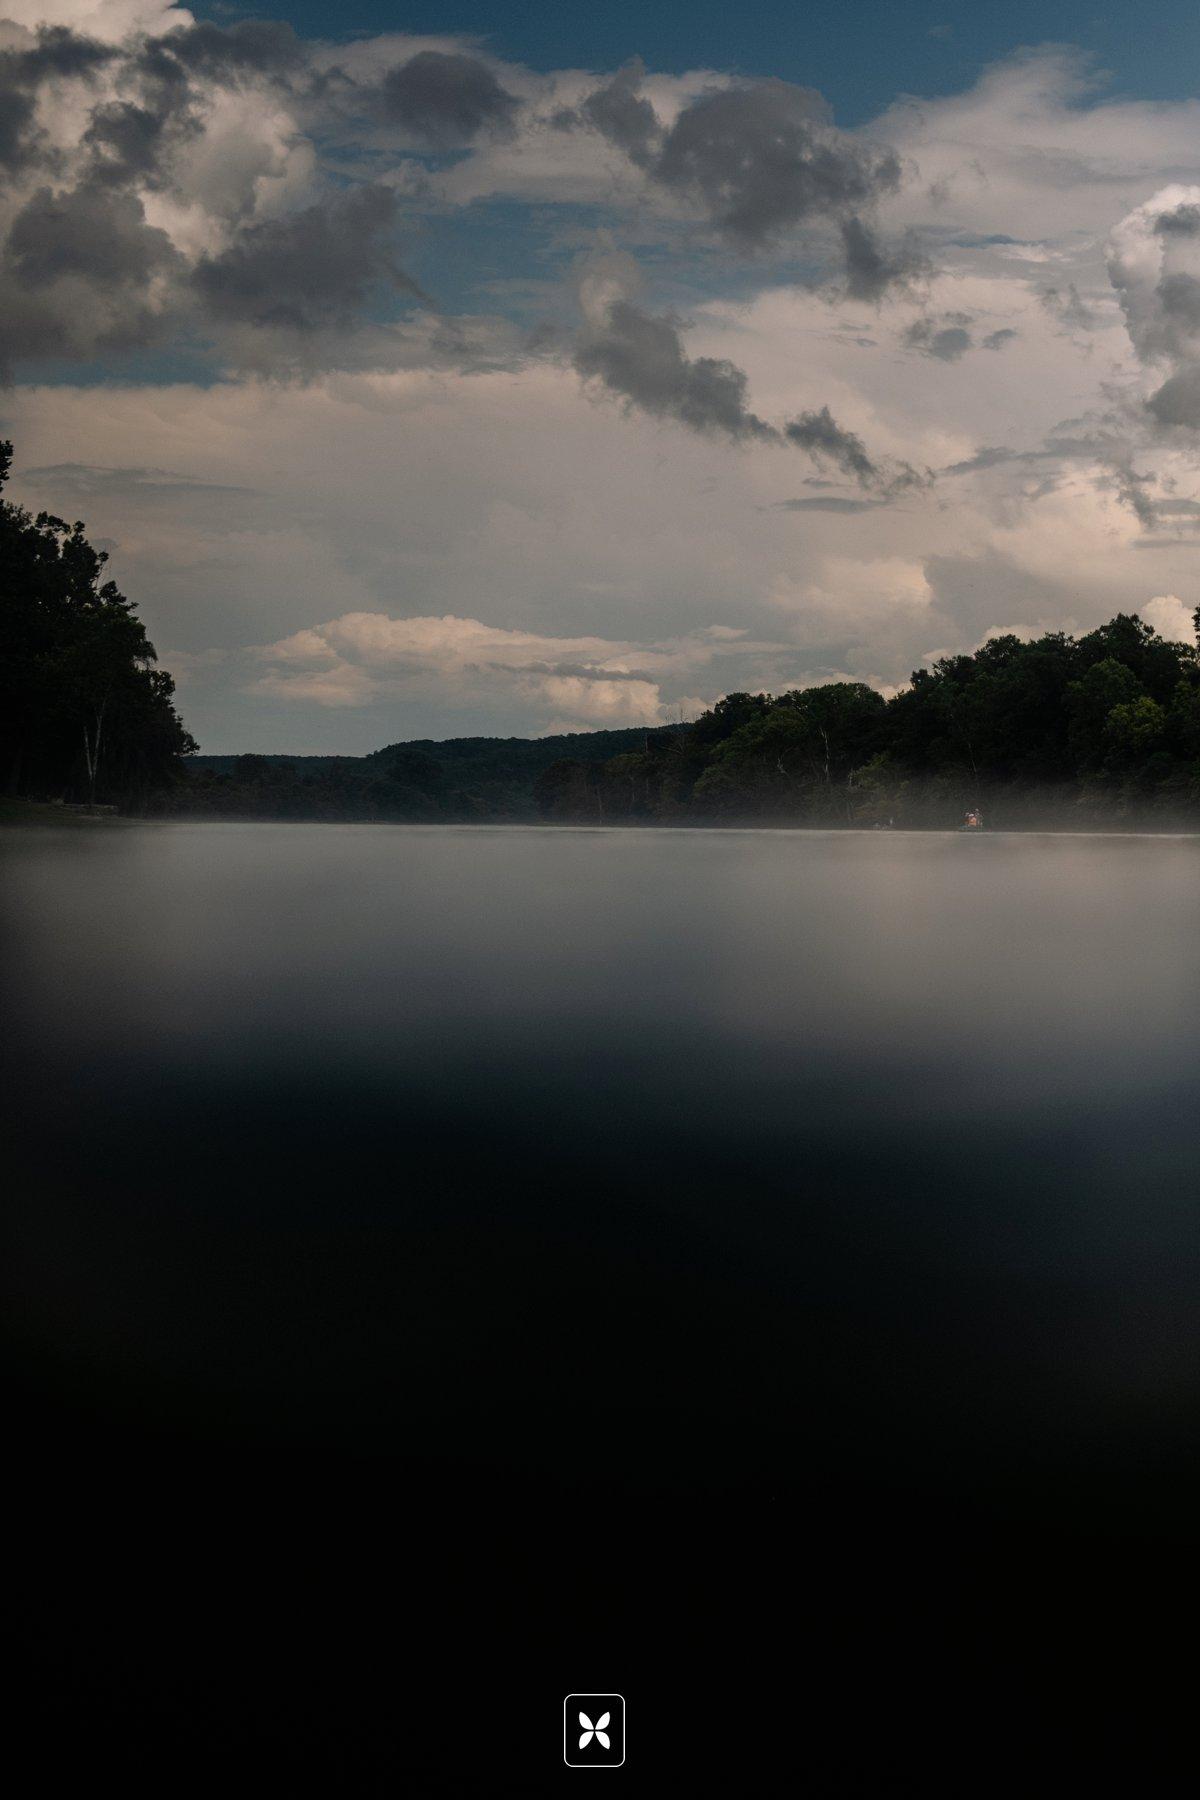 2018-08-03_0033.jpg